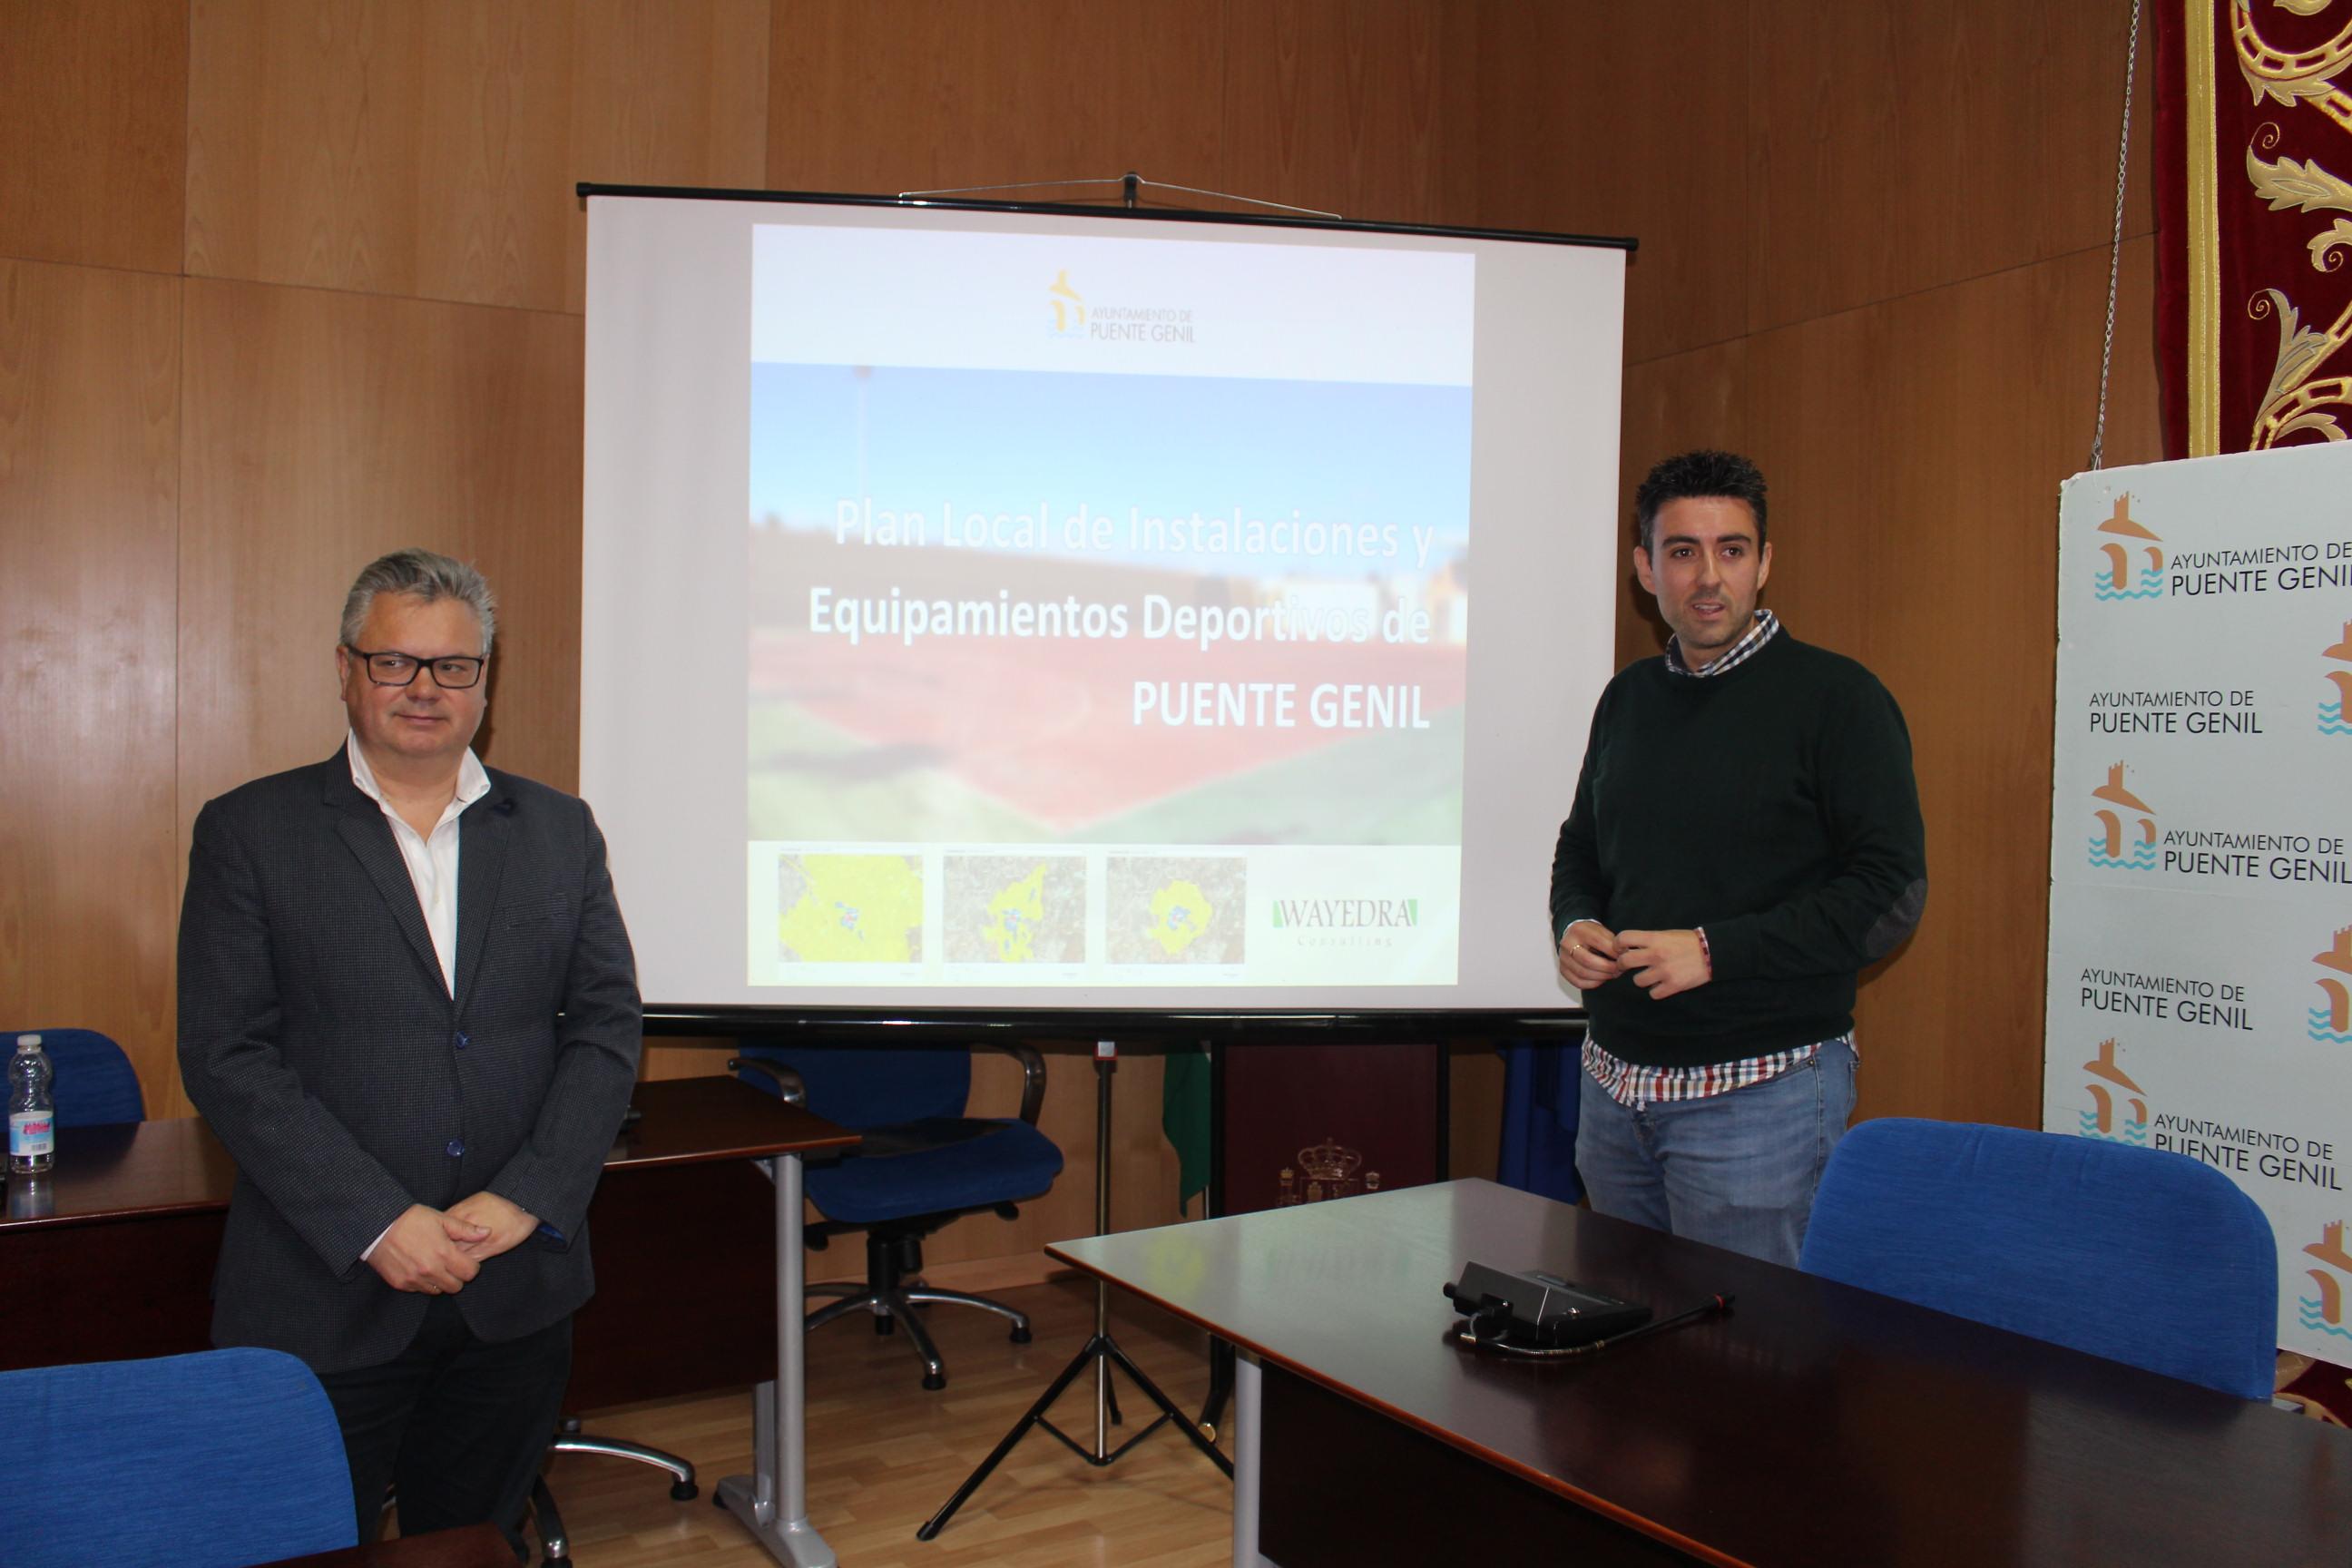 El alcalde y el concejal de Deportes presentan el Plan local de instalaciones y equipamientos deportivos